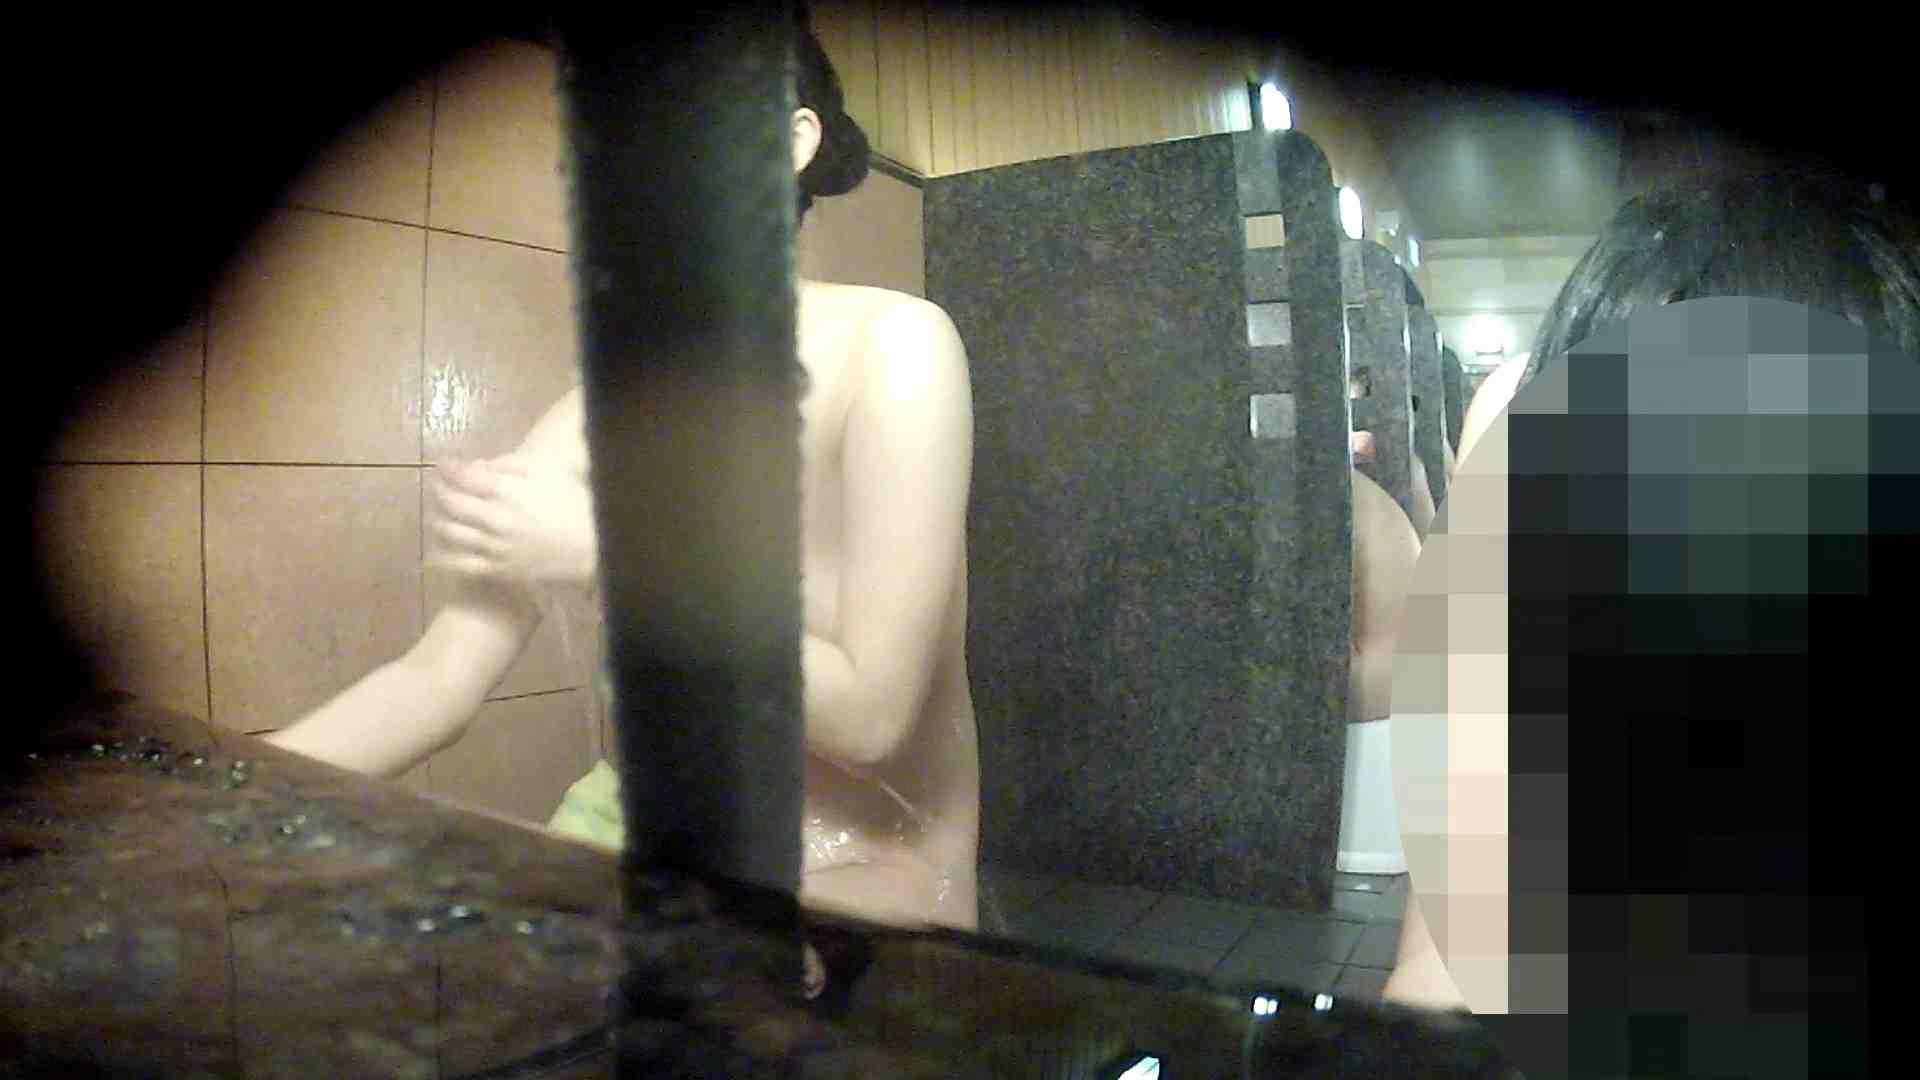 洗い場!今が食べ頃のたわわなオッパイ!サービス付 女湯  98PIX 7